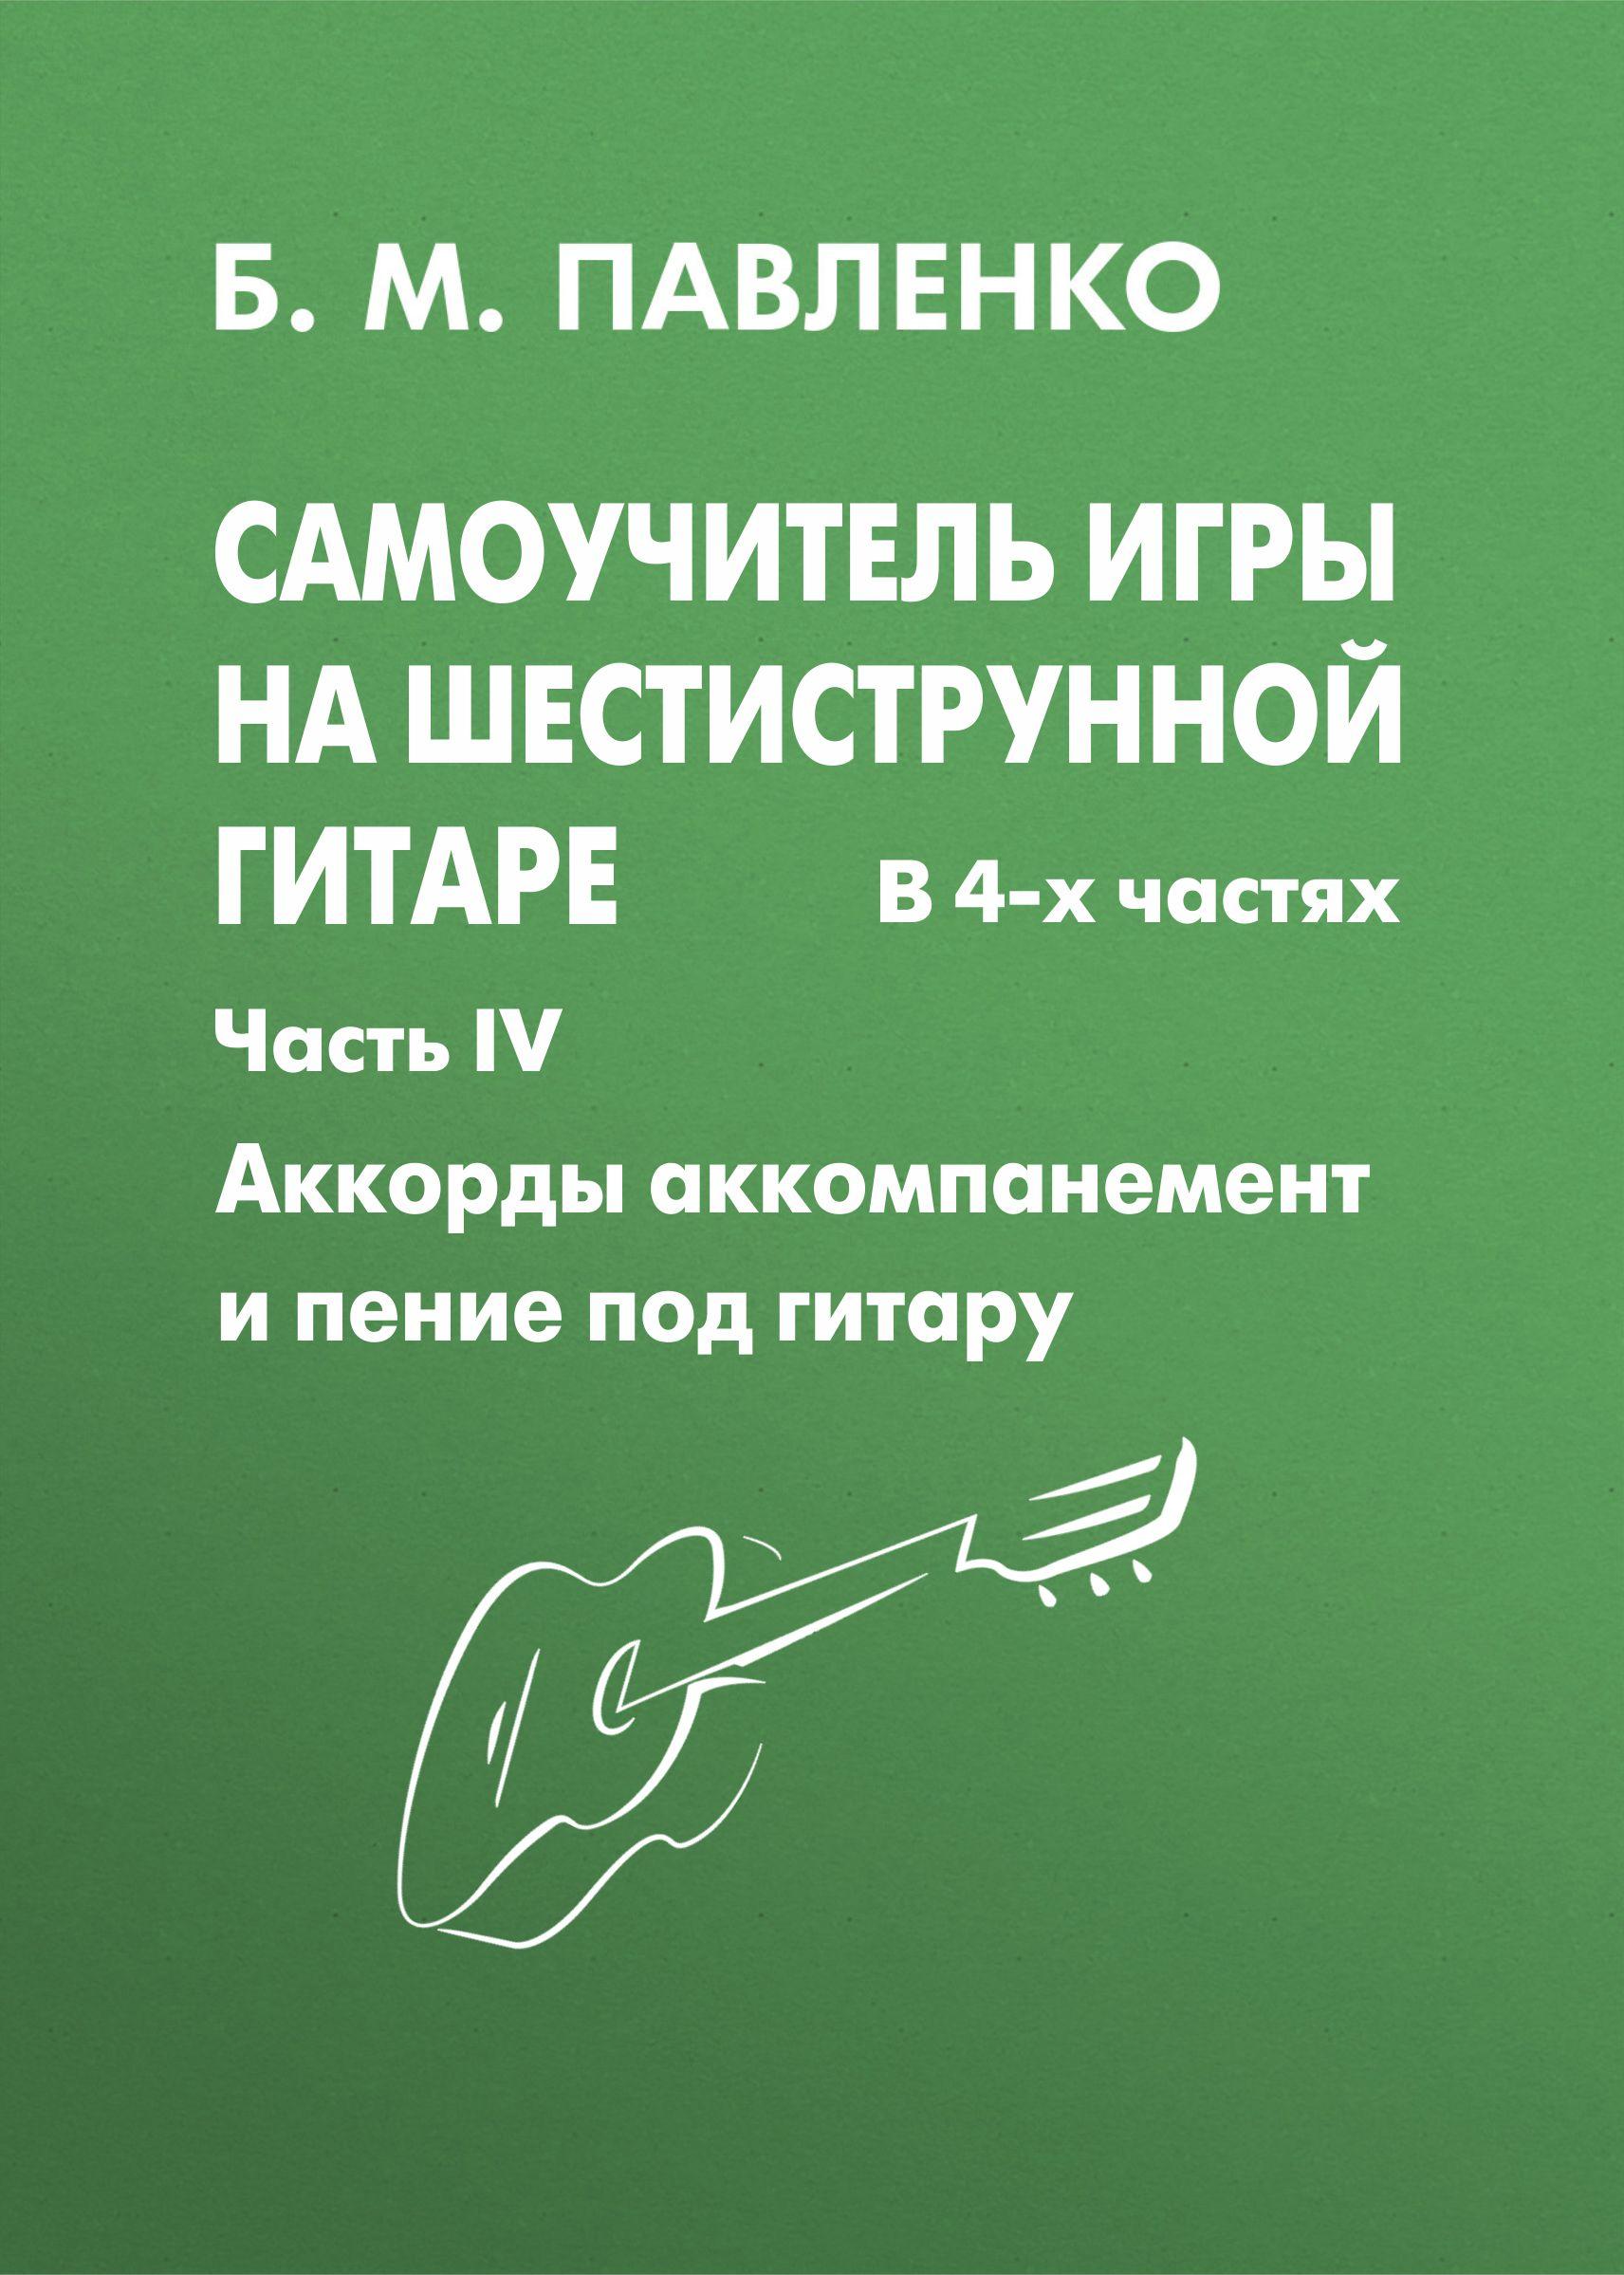 Б. М. Павленко Самоучитель игры на шестиструнной гитаре. Аккорды, аккомпанемент и пение под . IV часть